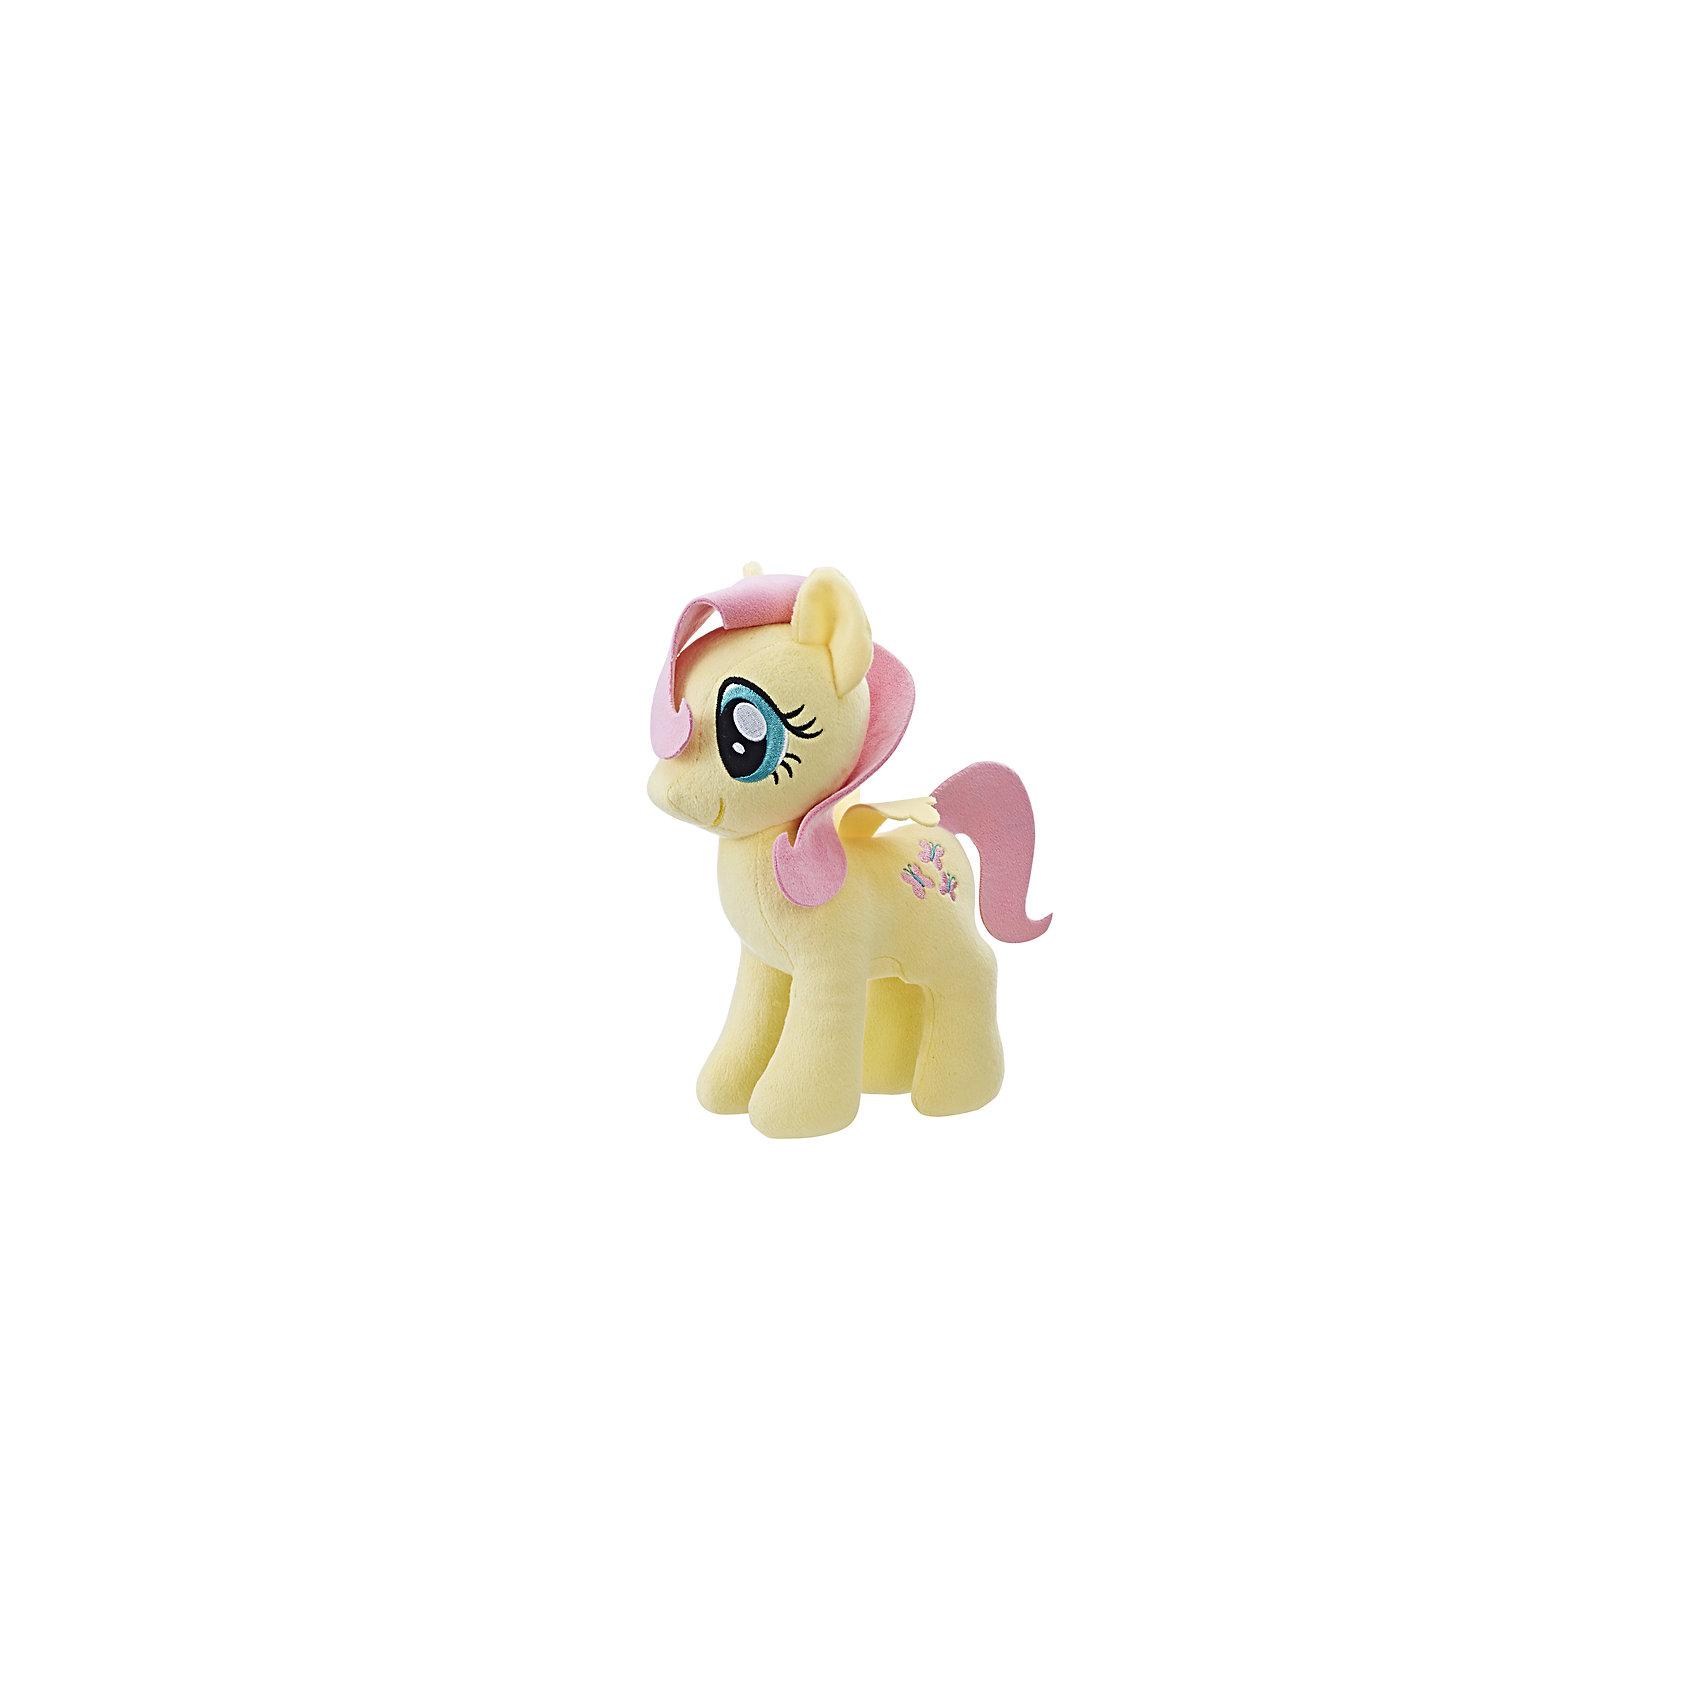 Мягкая игрушка Hasbro My little Pony Плюшевые пони, ФлаттершайМягкие игрушки из мультфильмов<br><br><br>Ширина мм: 80<br>Глубина мм: 160<br>Высота мм: 240<br>Вес г: 186<br>Возраст от месяцев: 36<br>Возраст до месяцев: 2147483647<br>Пол: Женский<br>Возраст: Детский<br>SKU: 7137780